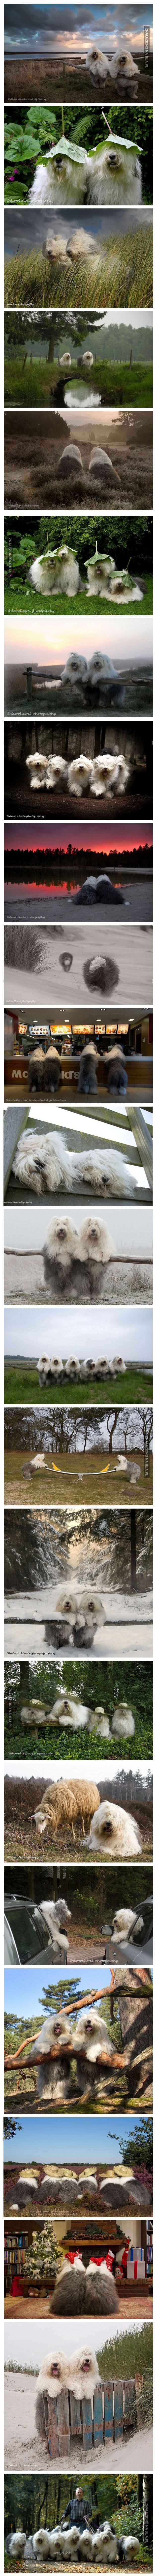 Rodzina fotogenicznych psiaków